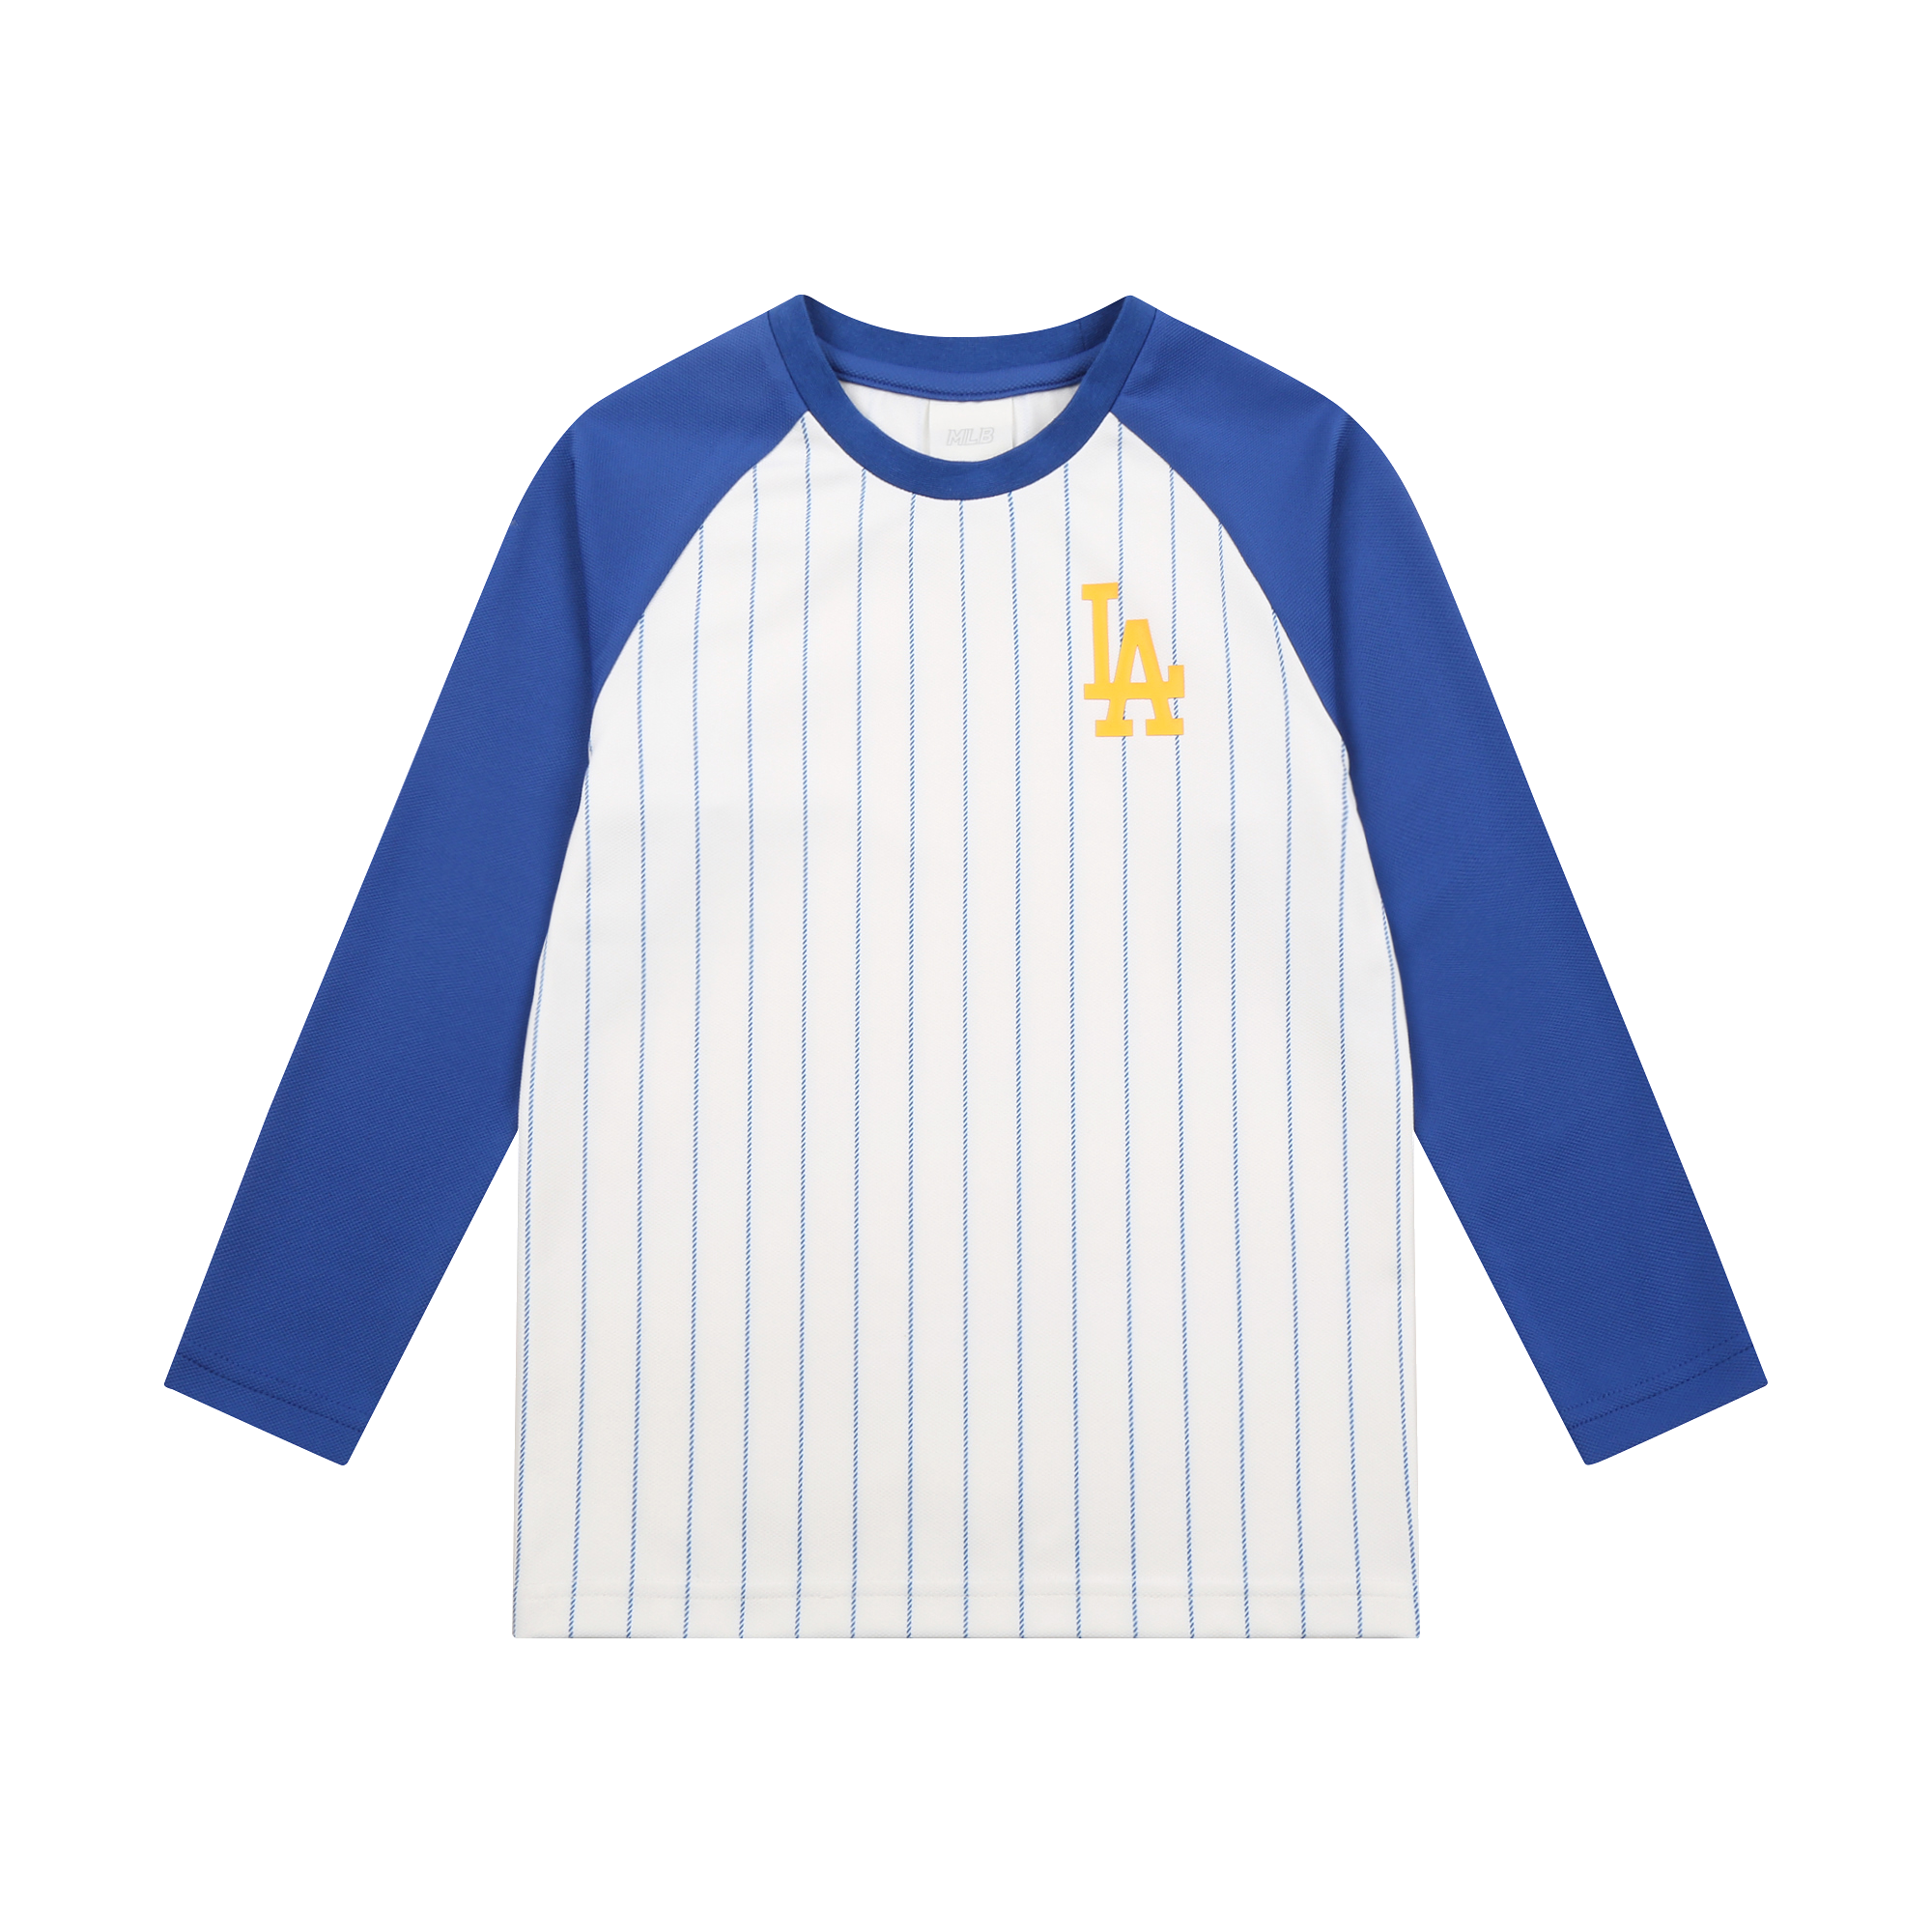 스트라이프 라글란 티셔츠 LA다저스